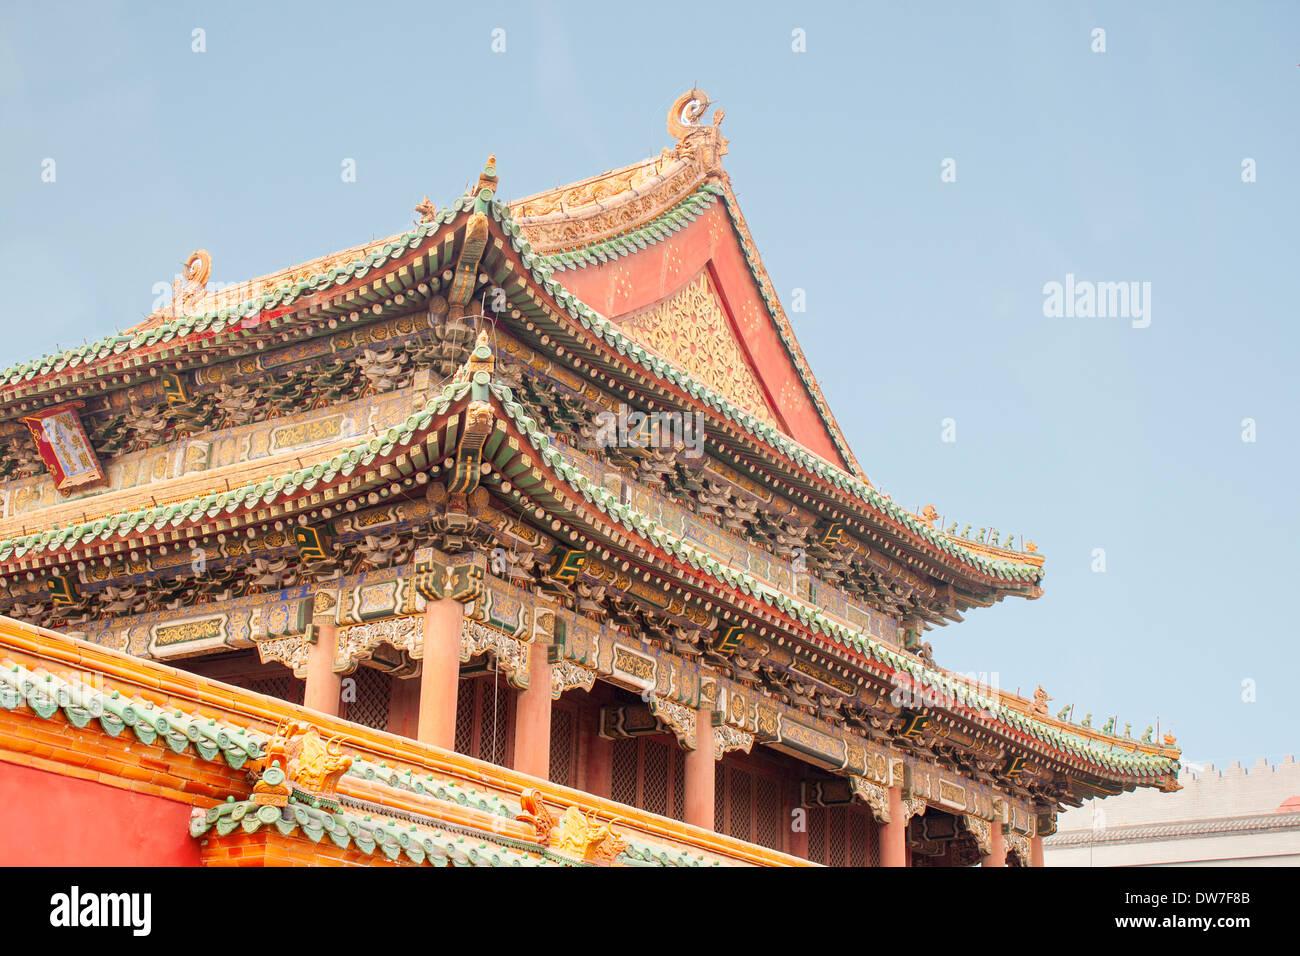 Shenyang Pechino palazzo imperiale la città proibita in Cina Foto stock -  Alamy